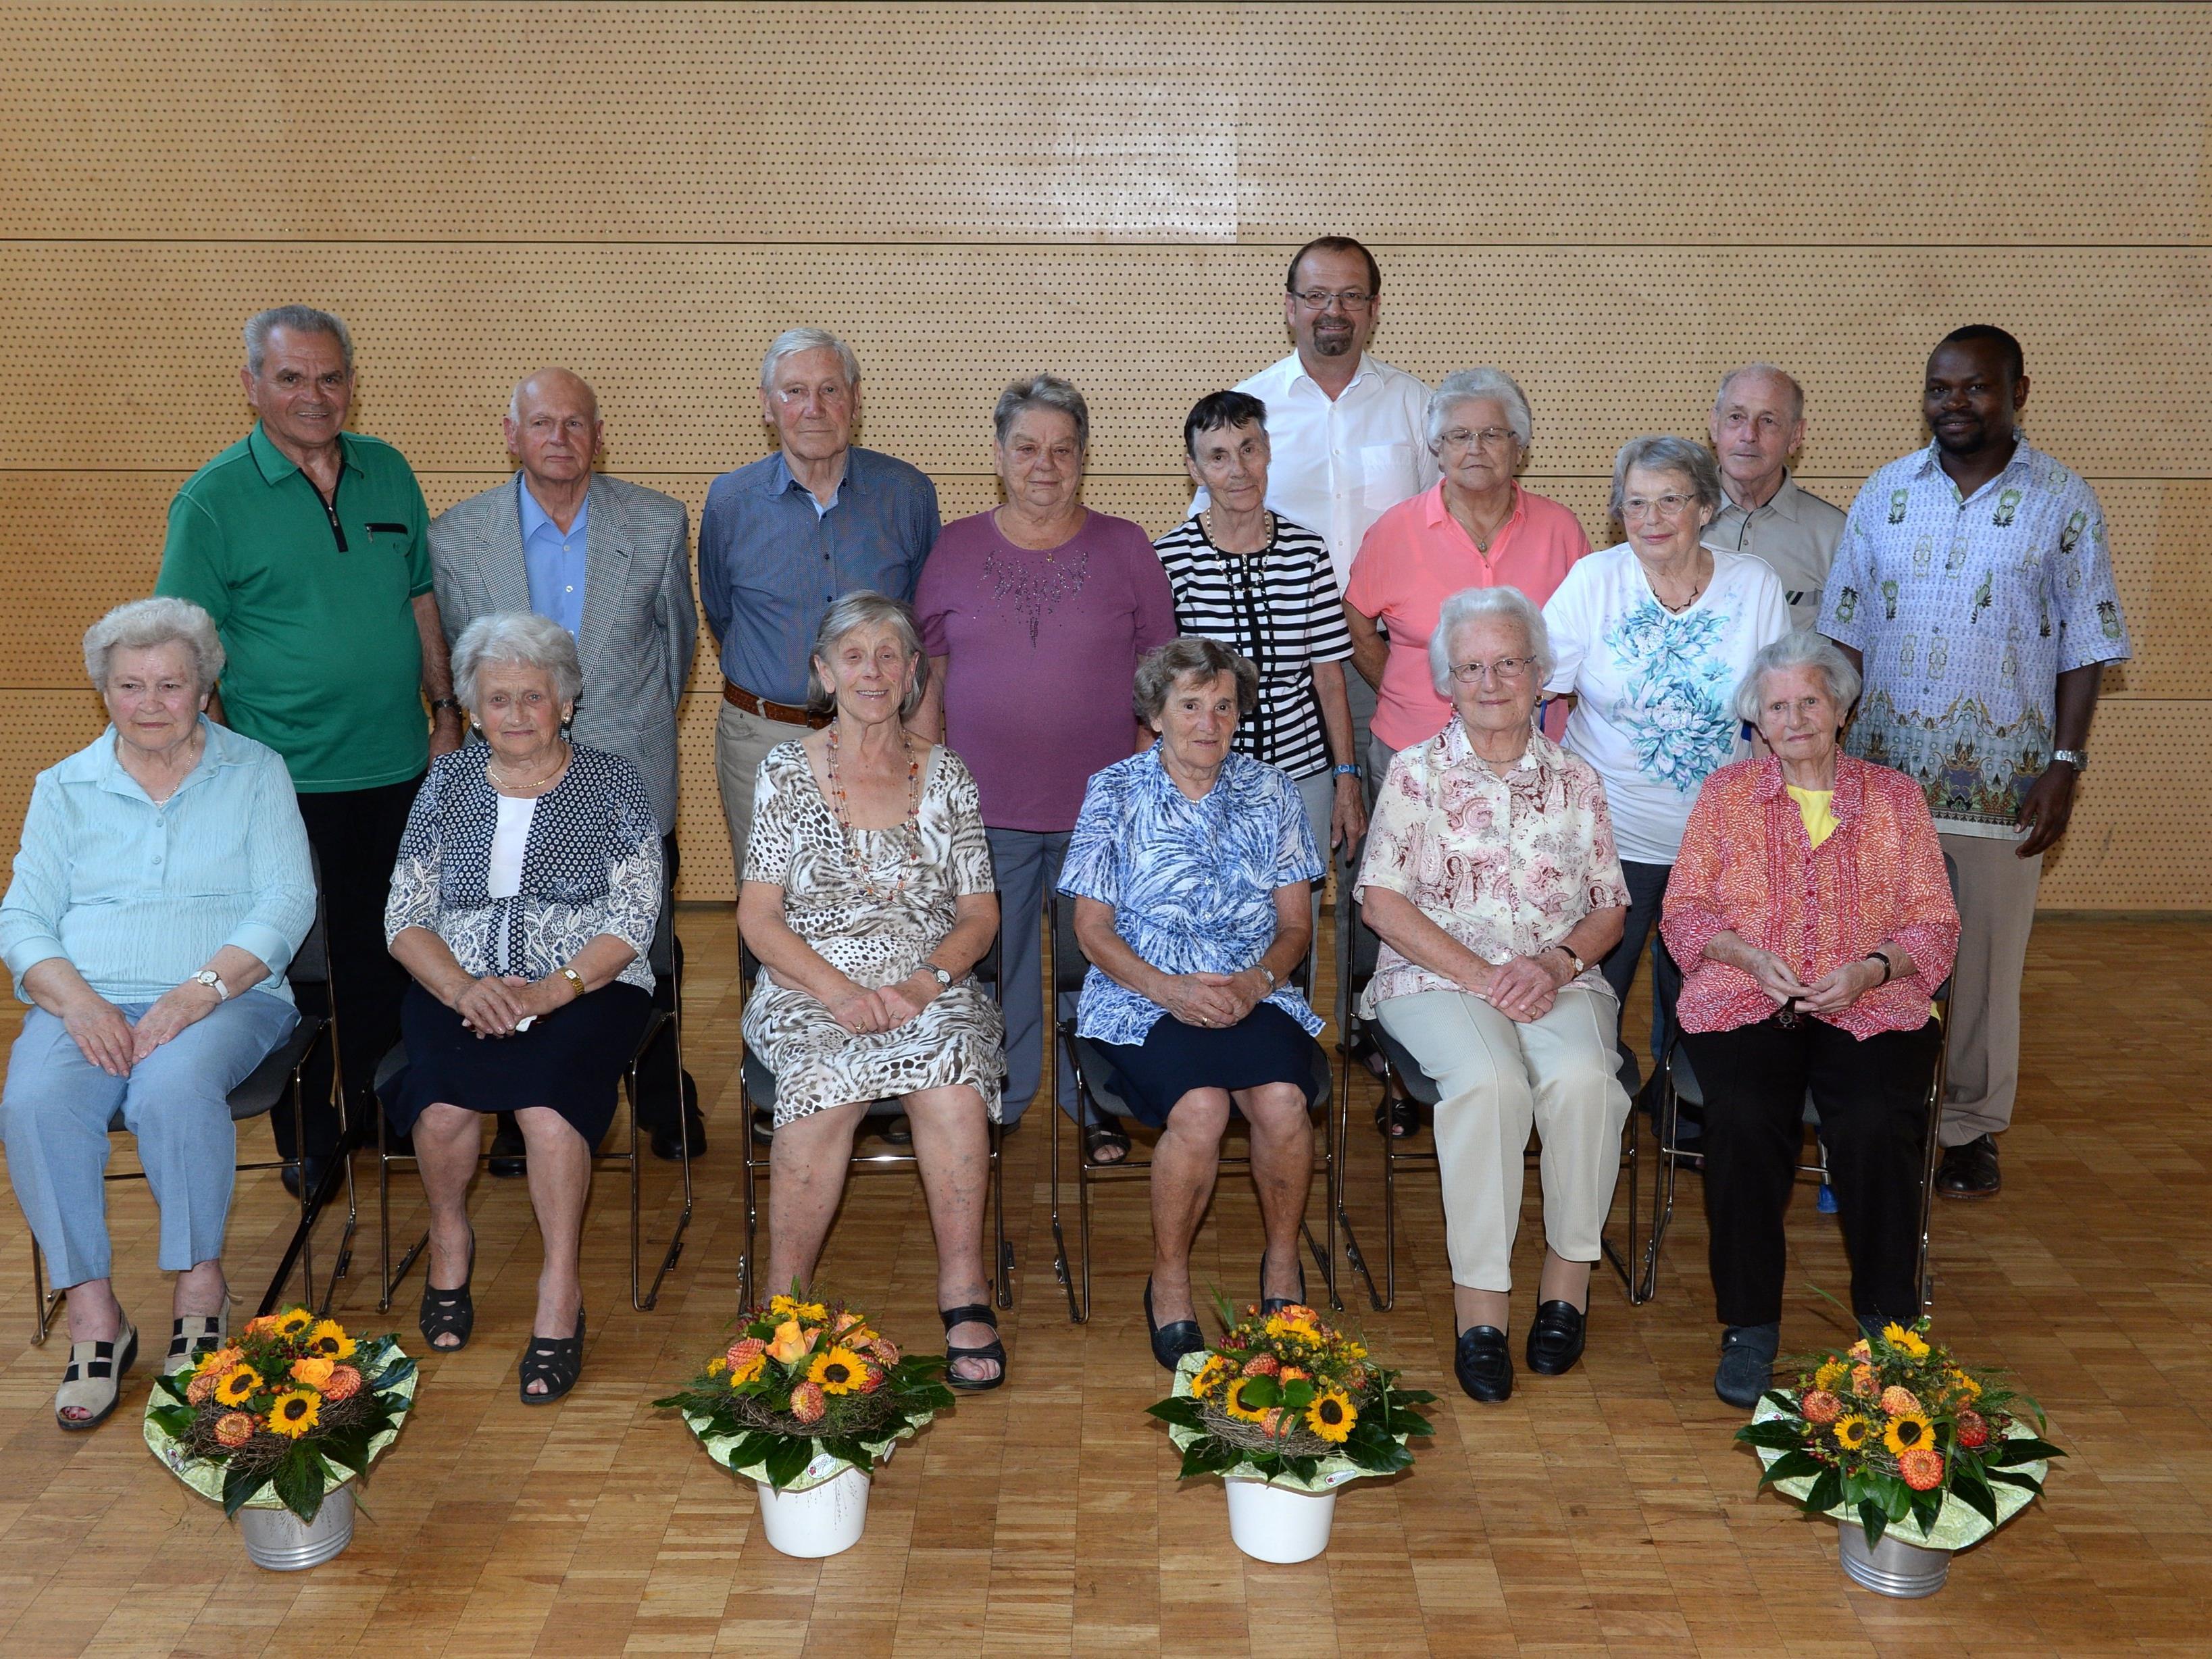 Die JubilarInnen, 10 Frauen und 4 Männer, mit Bürgermeister Siegele und Pastoralassistent Richard.